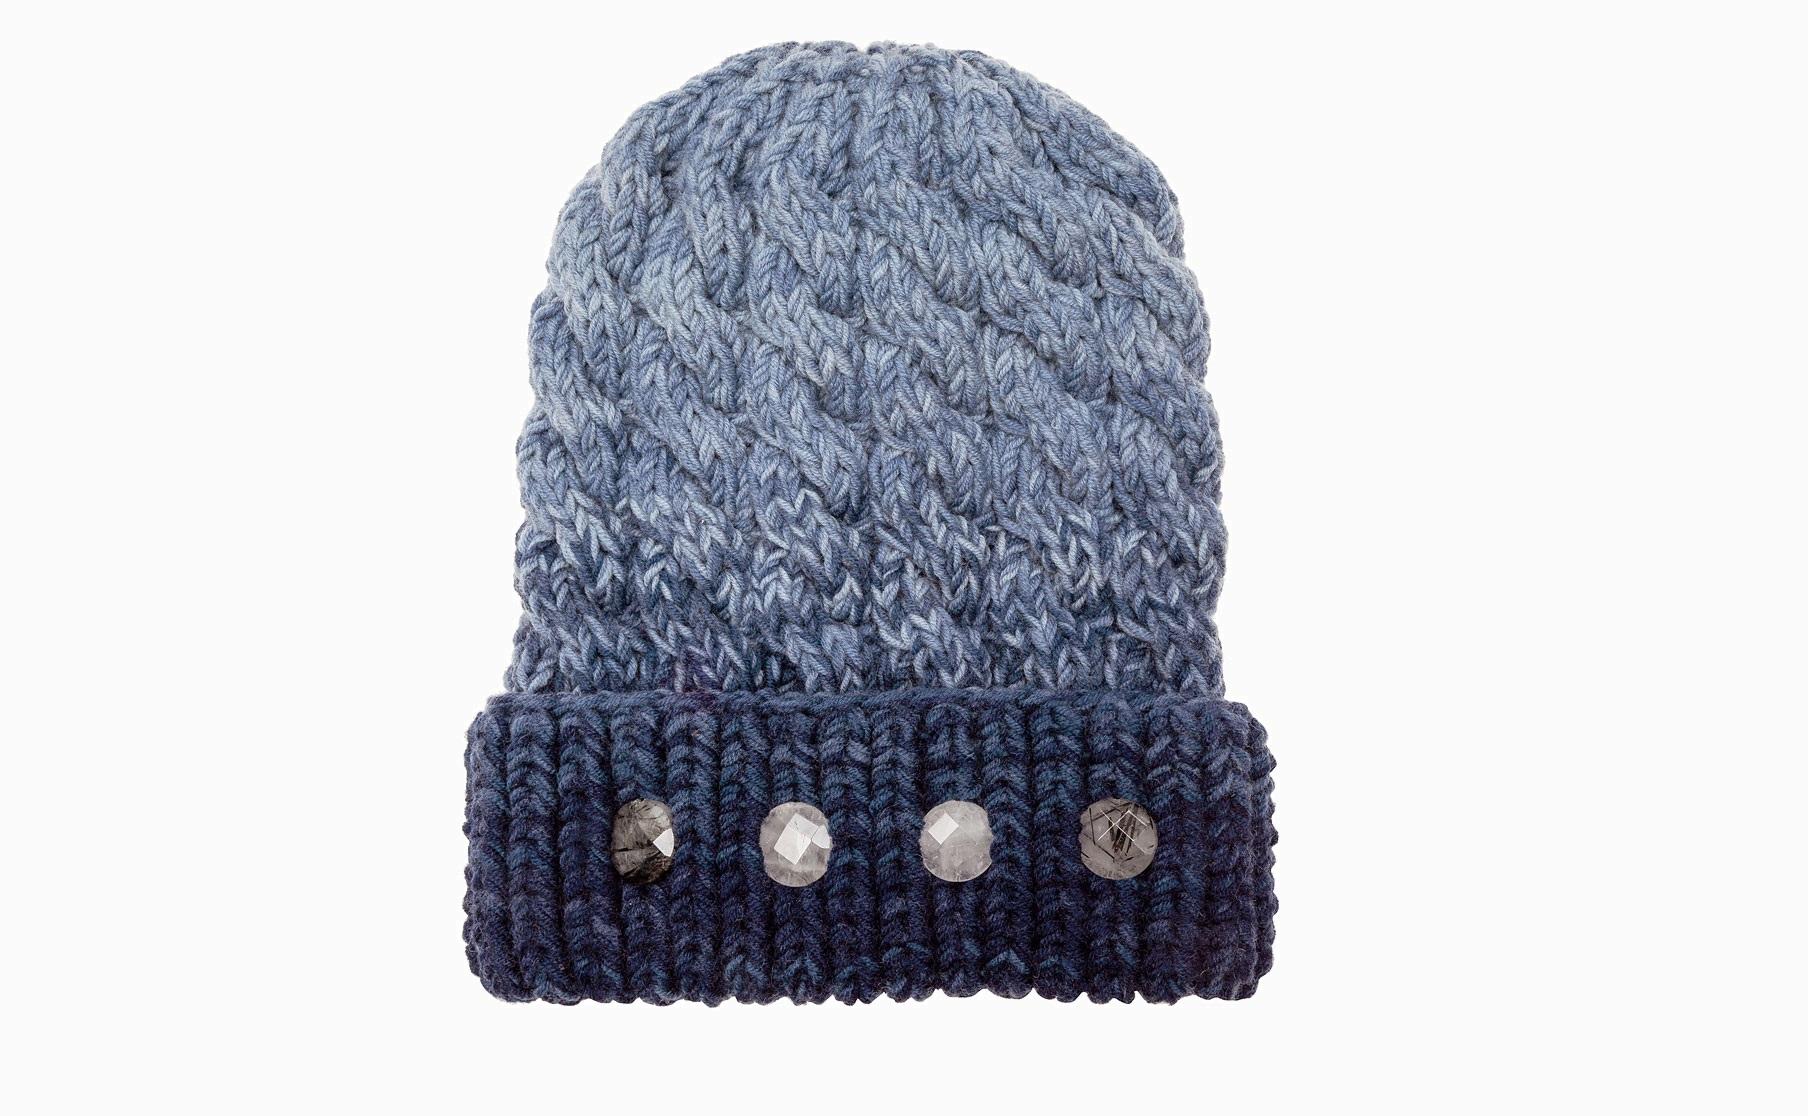 711  От 600 руб. и до…: 12 самых крутых шапок этой зимы